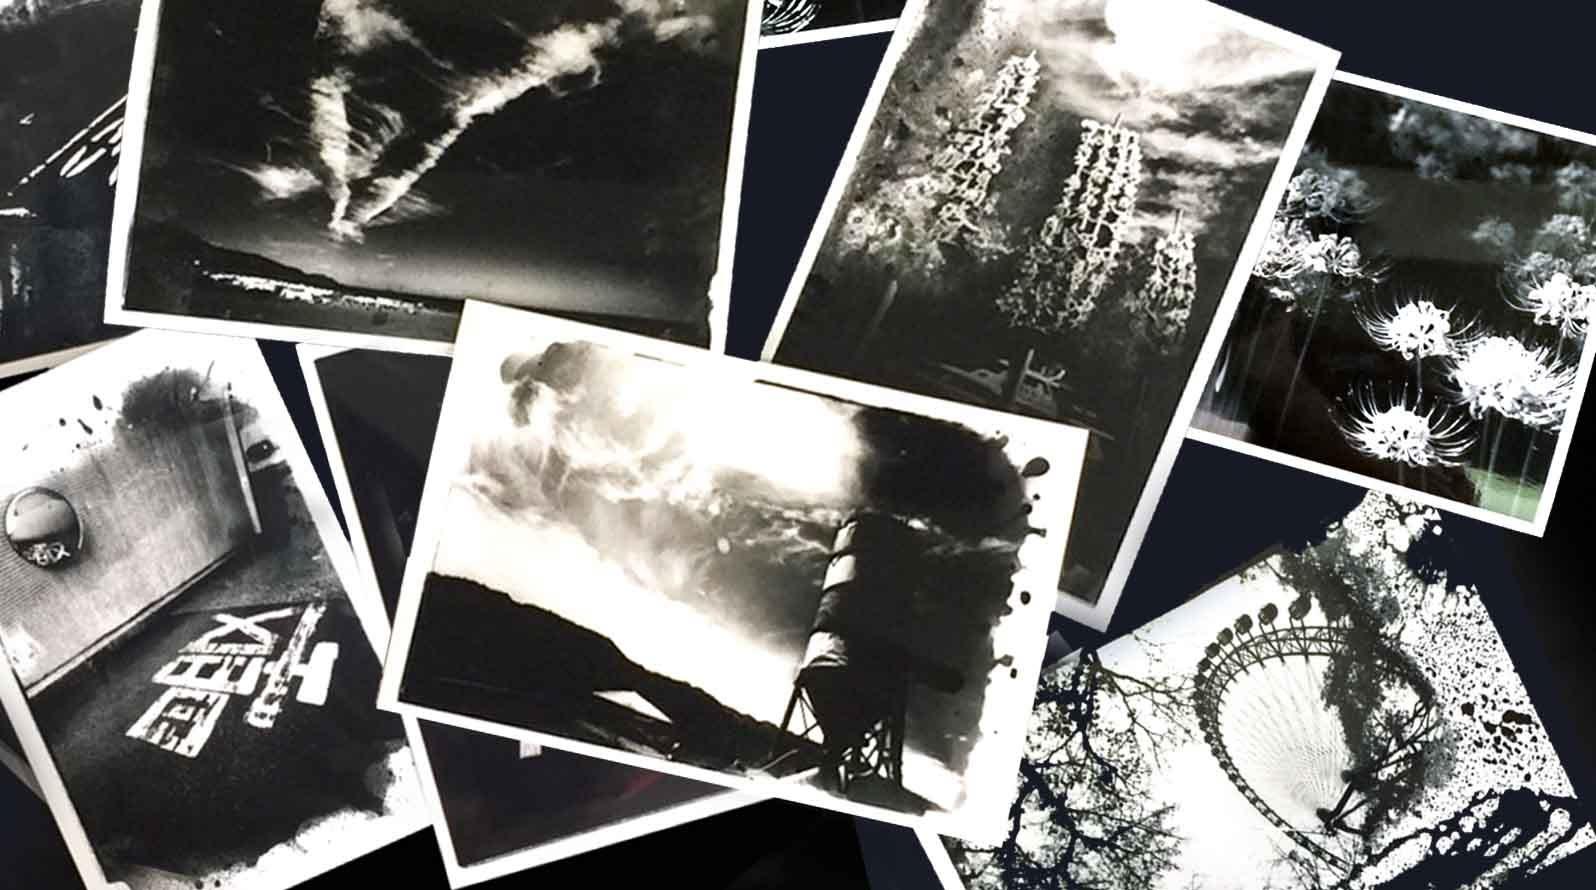 [迷迷選物]寫真館Gelatin攝影作品複印4x6相片